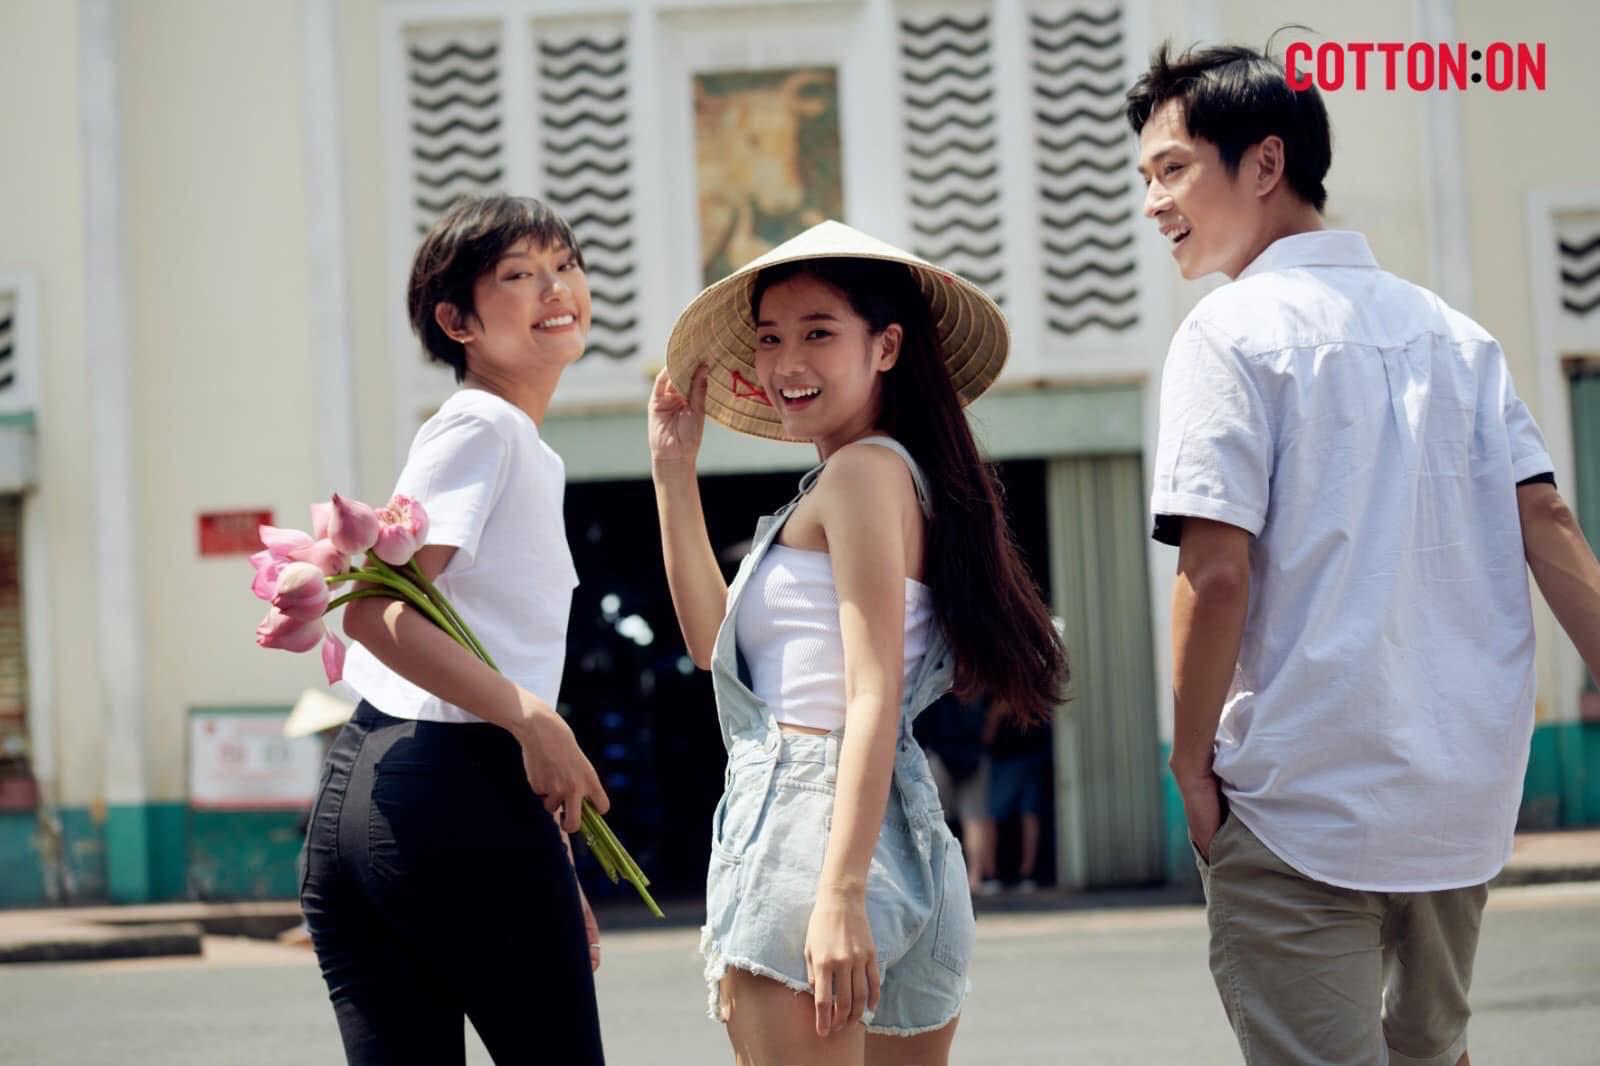 """Có một Sài Gòn của COTTON:ON dung dị và thân thương đến thế qua bộ ảnh """"Hello Saigon"""" - Ảnh 2."""